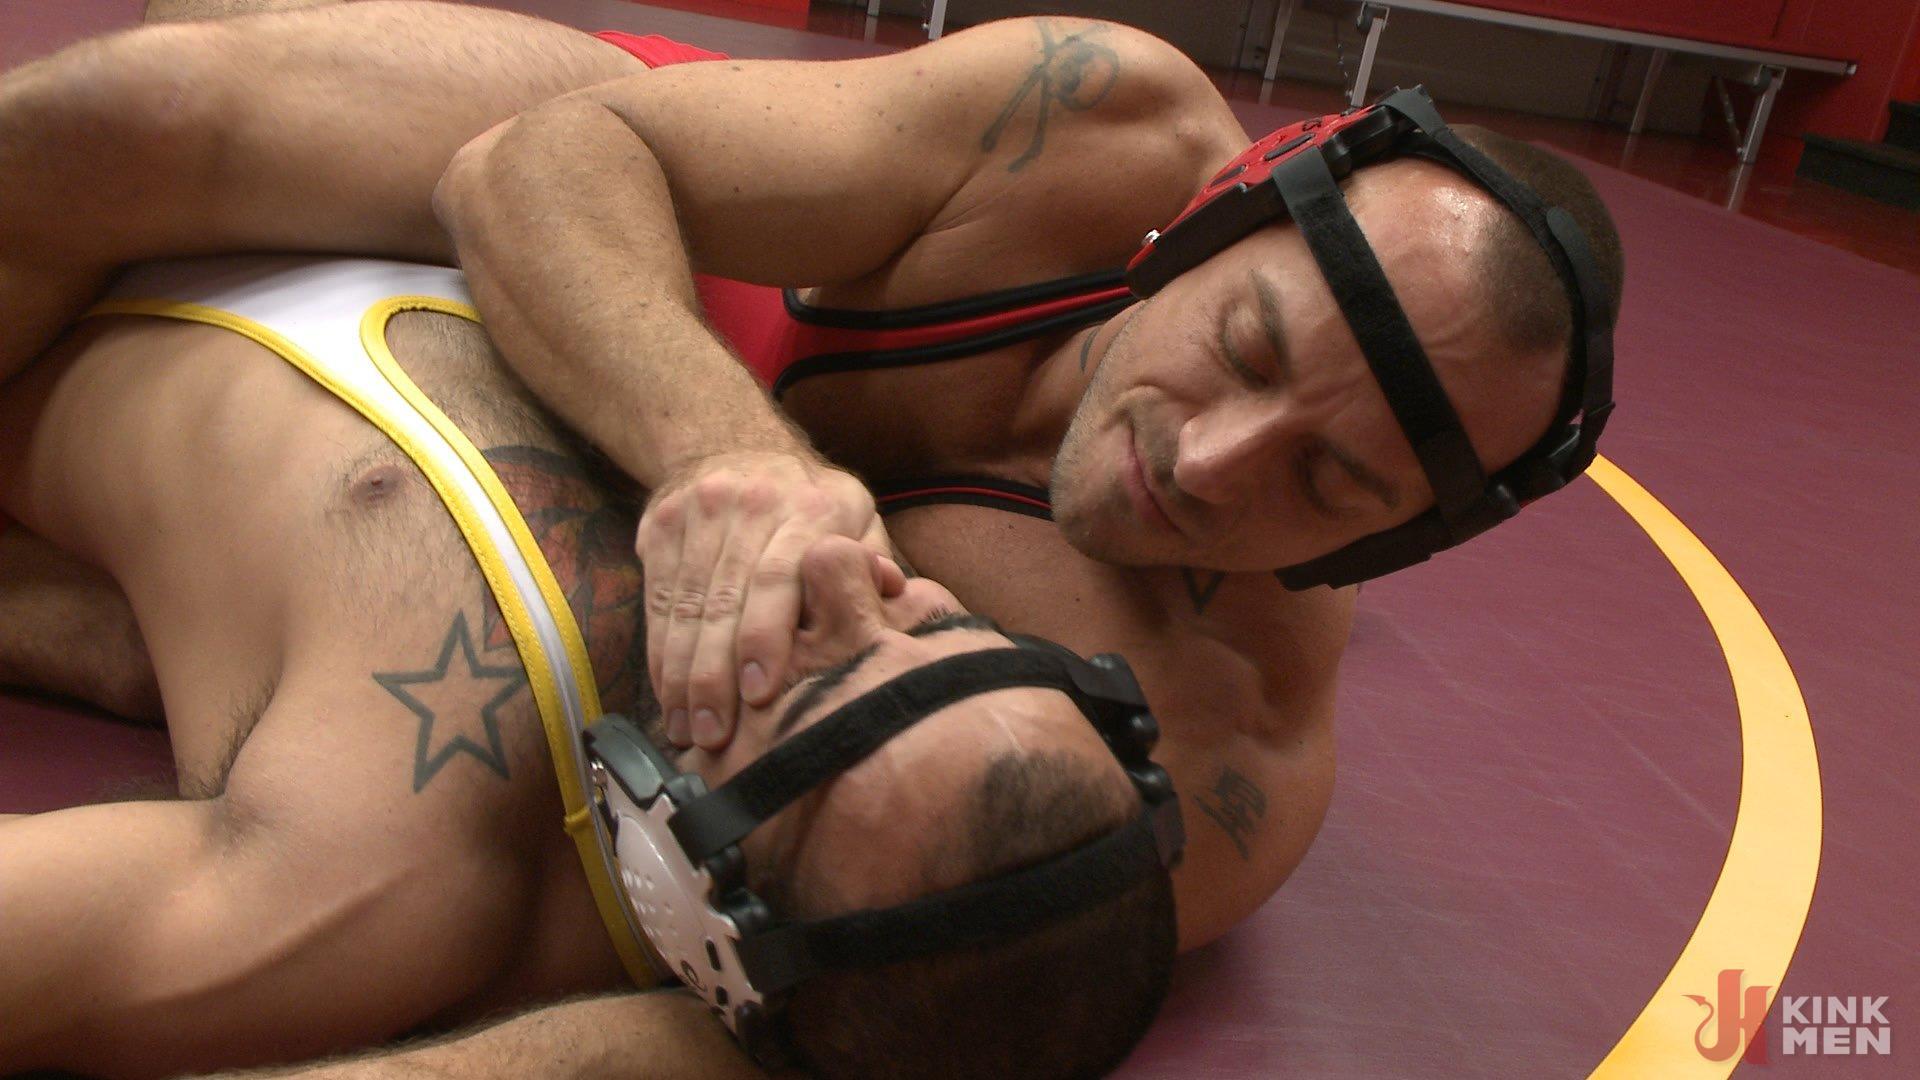 Photo number 2 from Rikk York gets slammed to the mat and edged shot for Men On Edge on Kink.com. Featuring Rikk York in hardcore BDSM & Fetish porn.